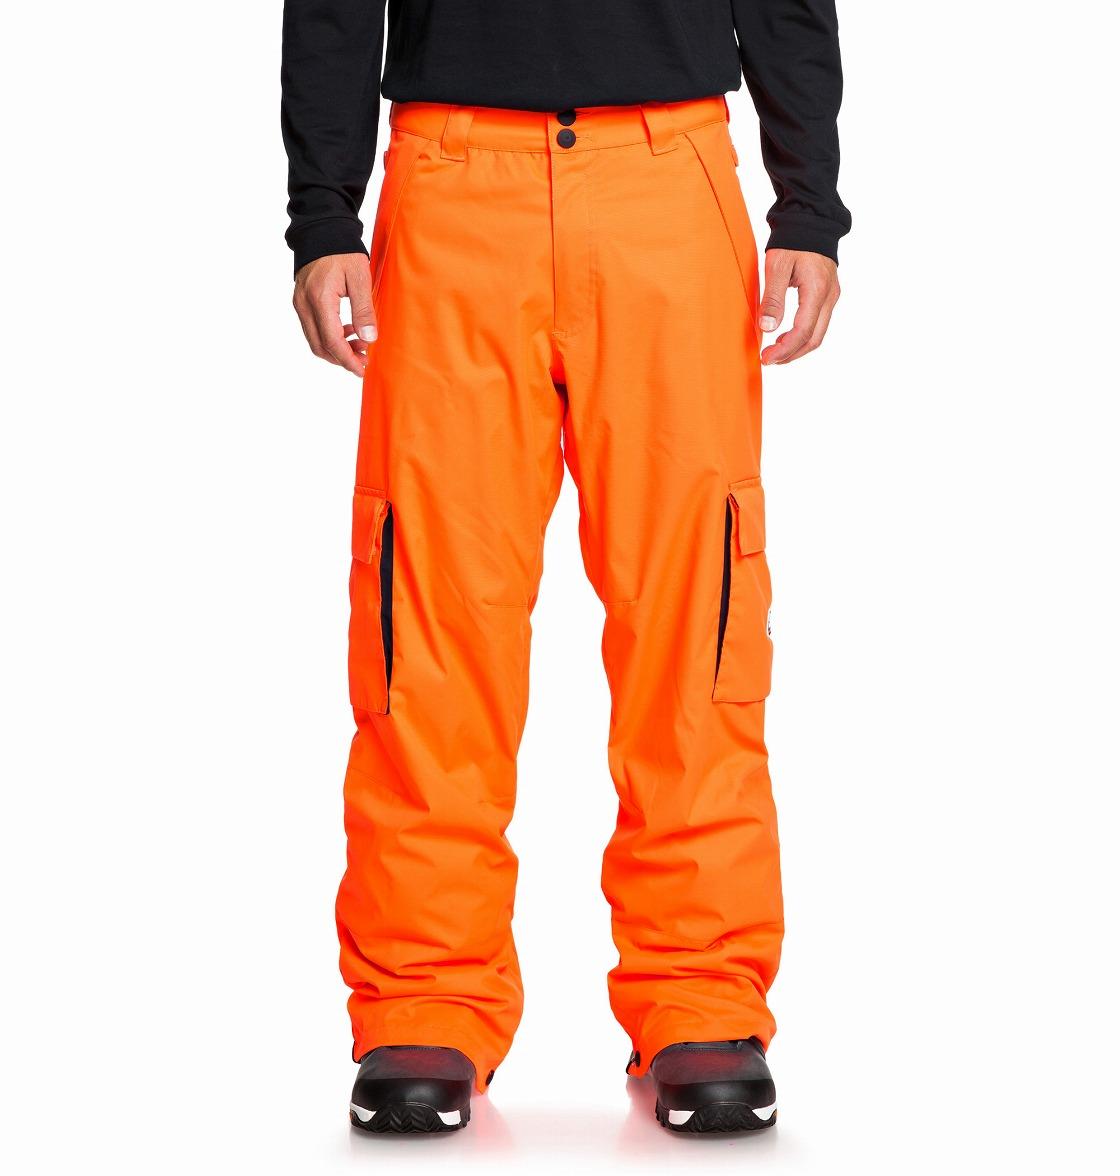 ディーシーシューズ DC SHOES  BANSHEE PNT スキー スノボー パンツ ボトムス ウェア ウエア ウィンタースポーツ 【EDYTP03047 NKR0】